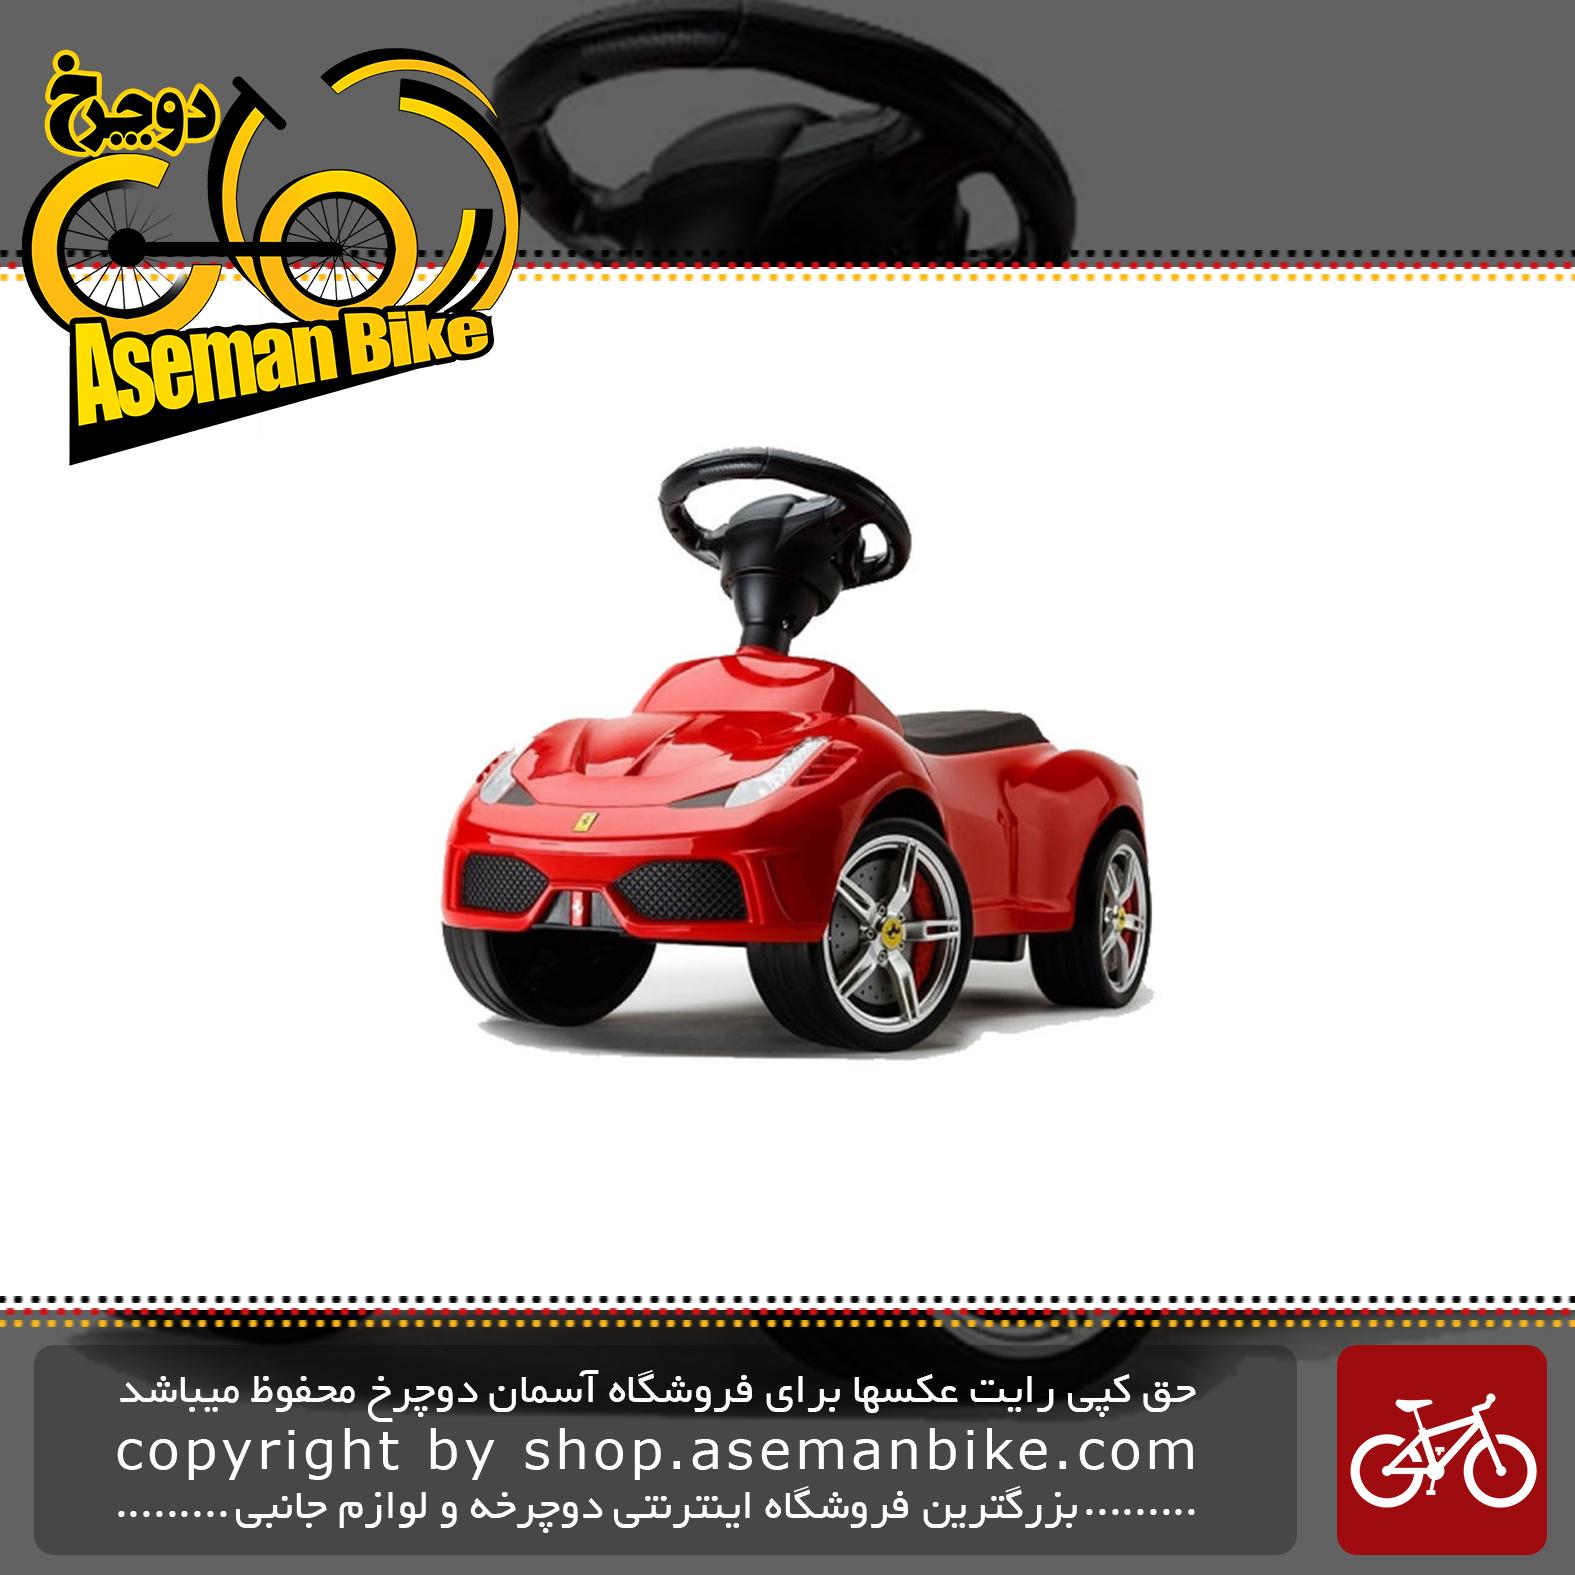 سه چرخه رستار مدل Red Ferrari